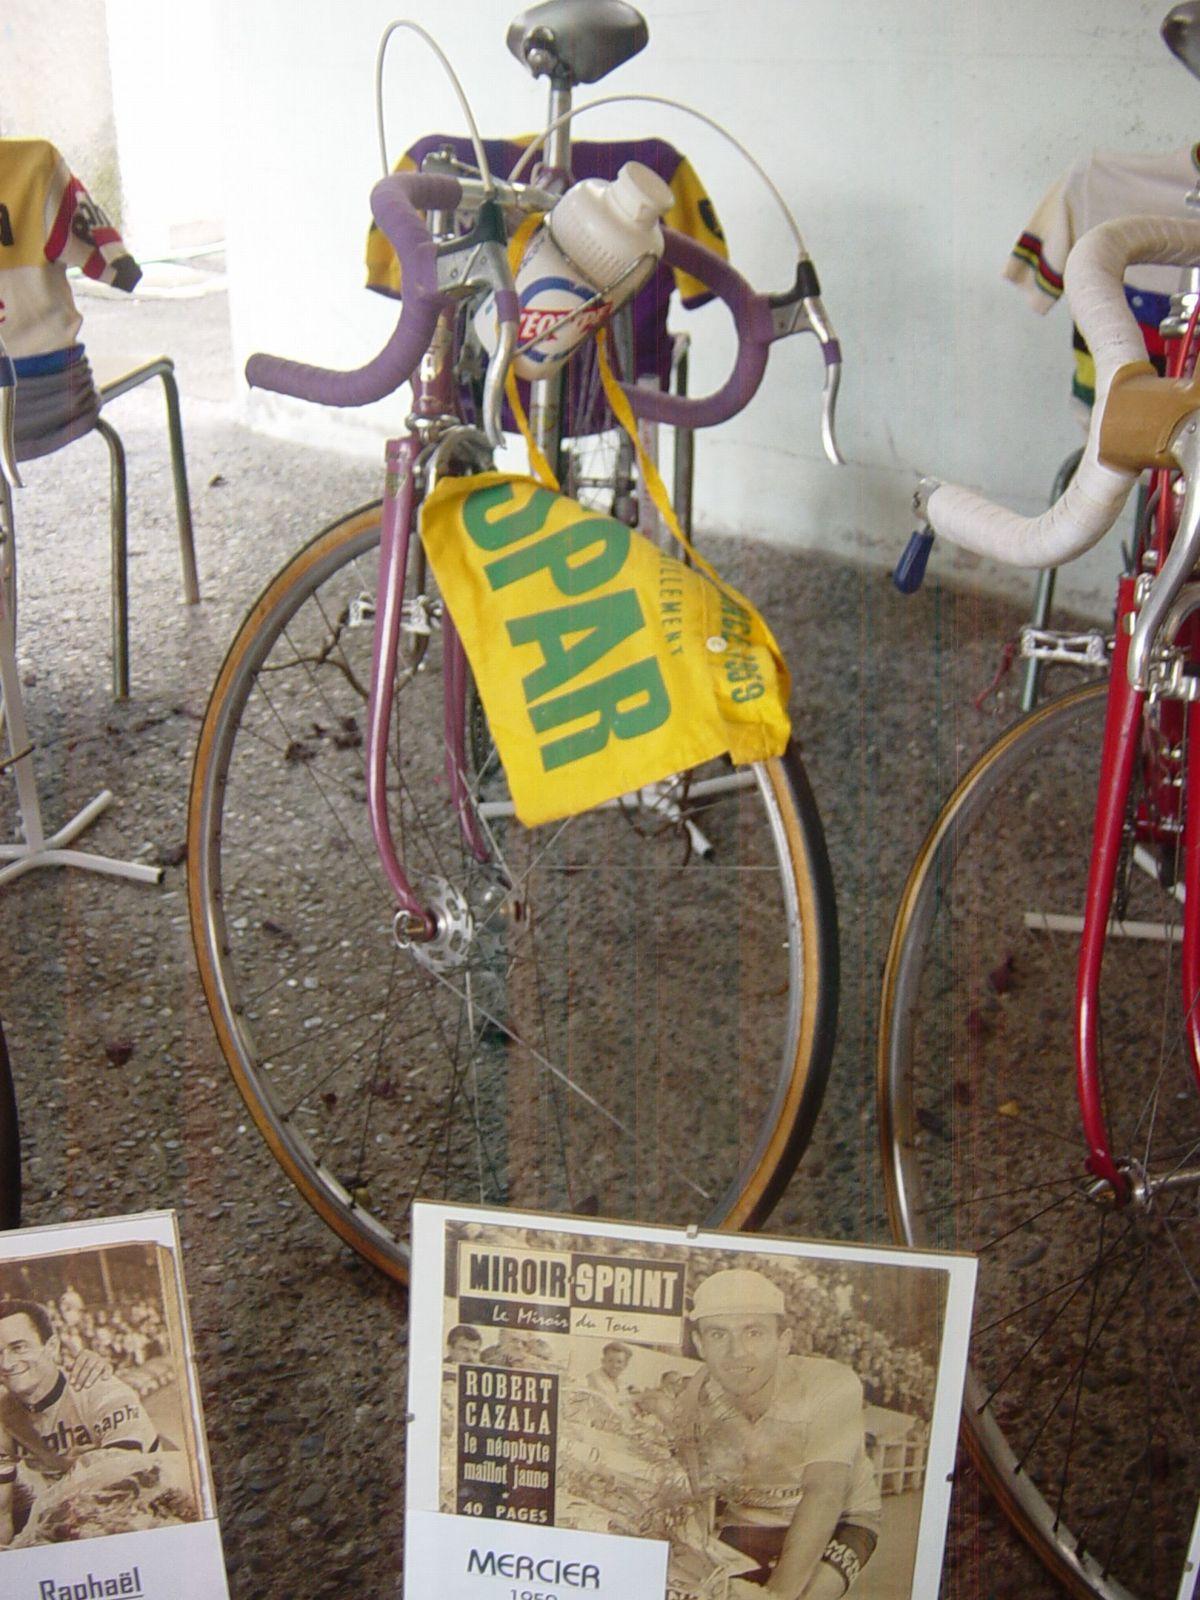 Vélo Mercier 1959, vélo qui a appartenu à Robert CAZALA (F), porteur du maillot jaune sur le TDF 1959.